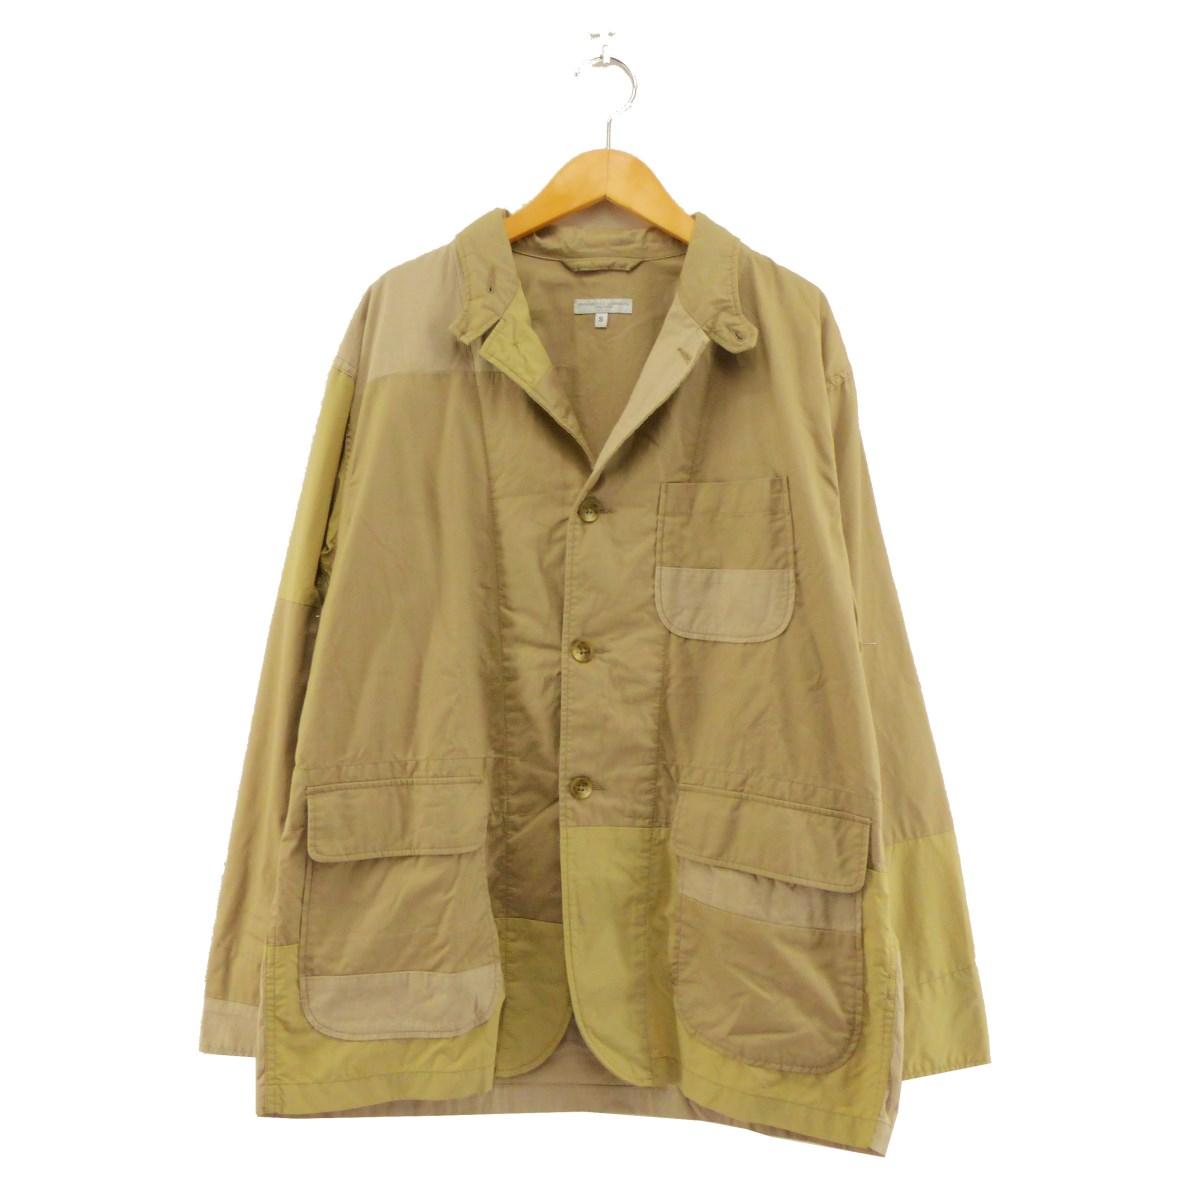 【中古】Engineered Garmentsパッチワークテーラードジャケット ベージュ サイズ:S 【5月11日見直し】